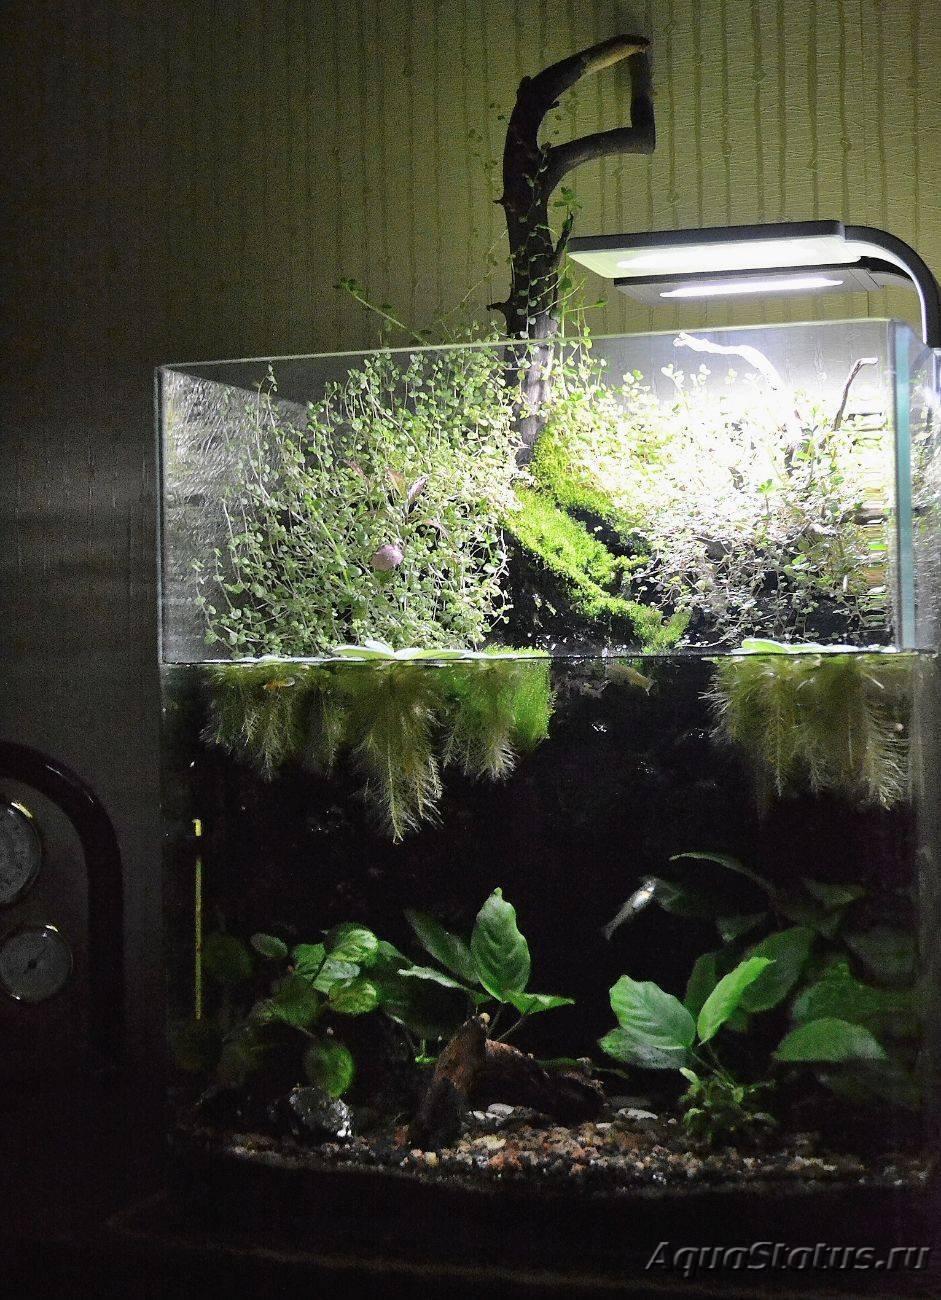 Аквариумы для петушков (20 фото): обзор моделей с подсветкой и фильтром, двойных и тройных аквариумов с перегородками, объемы и размеры